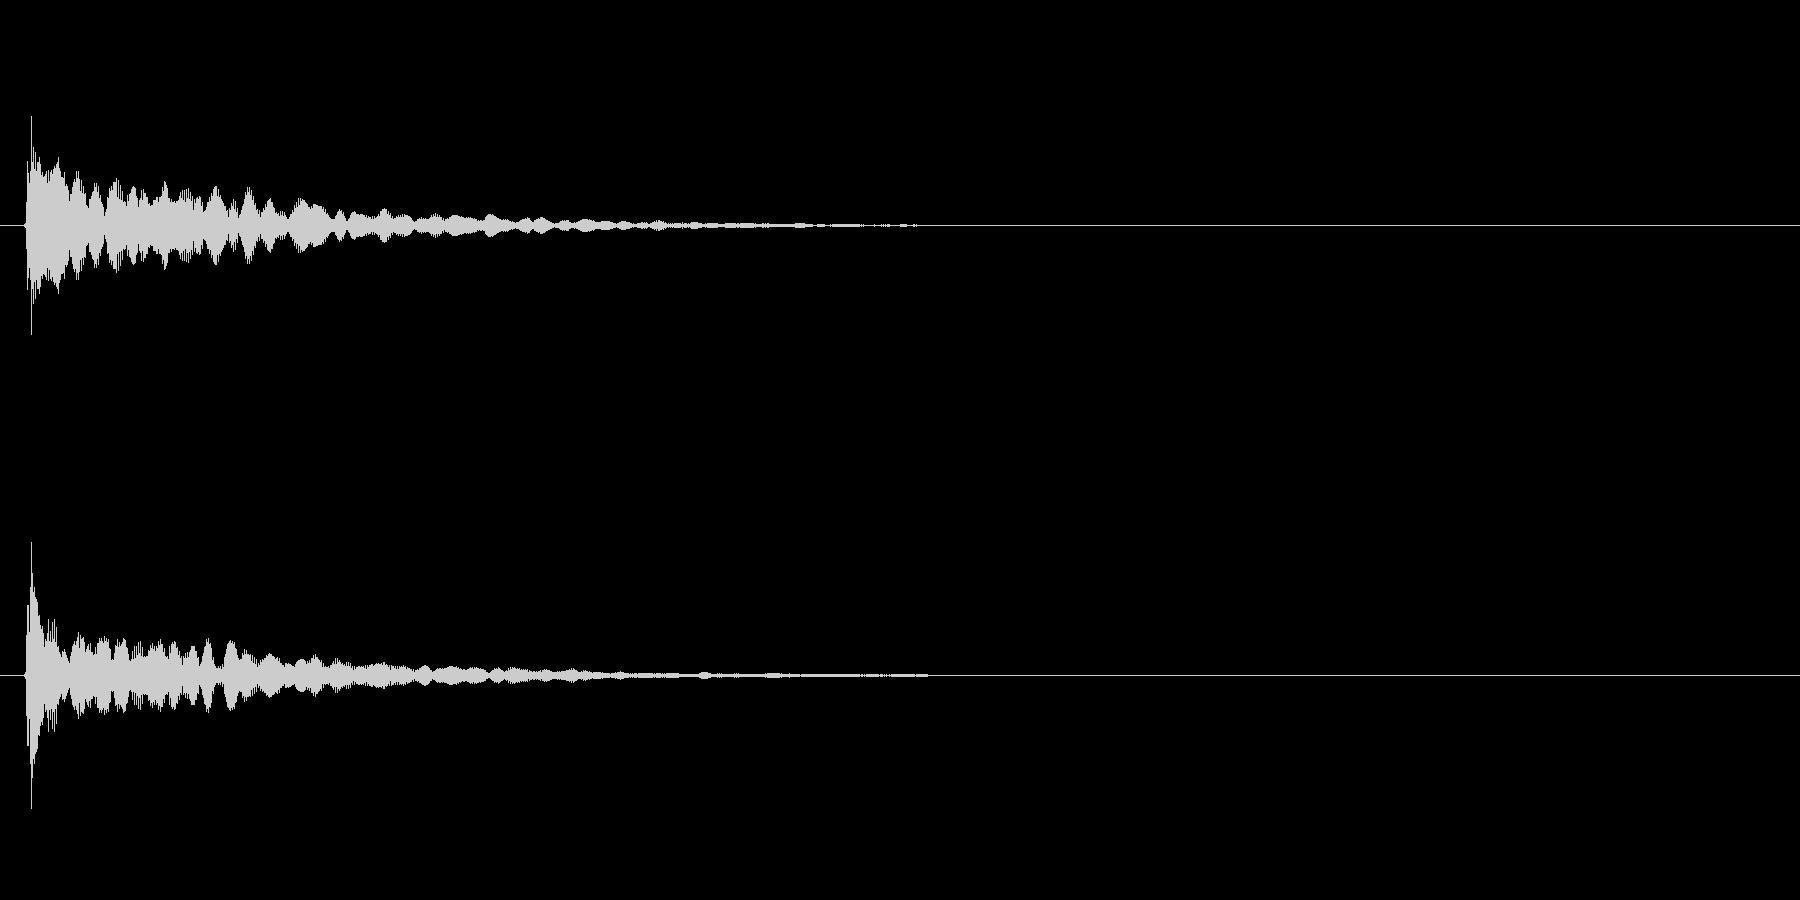 キラキラ系_089の未再生の波形